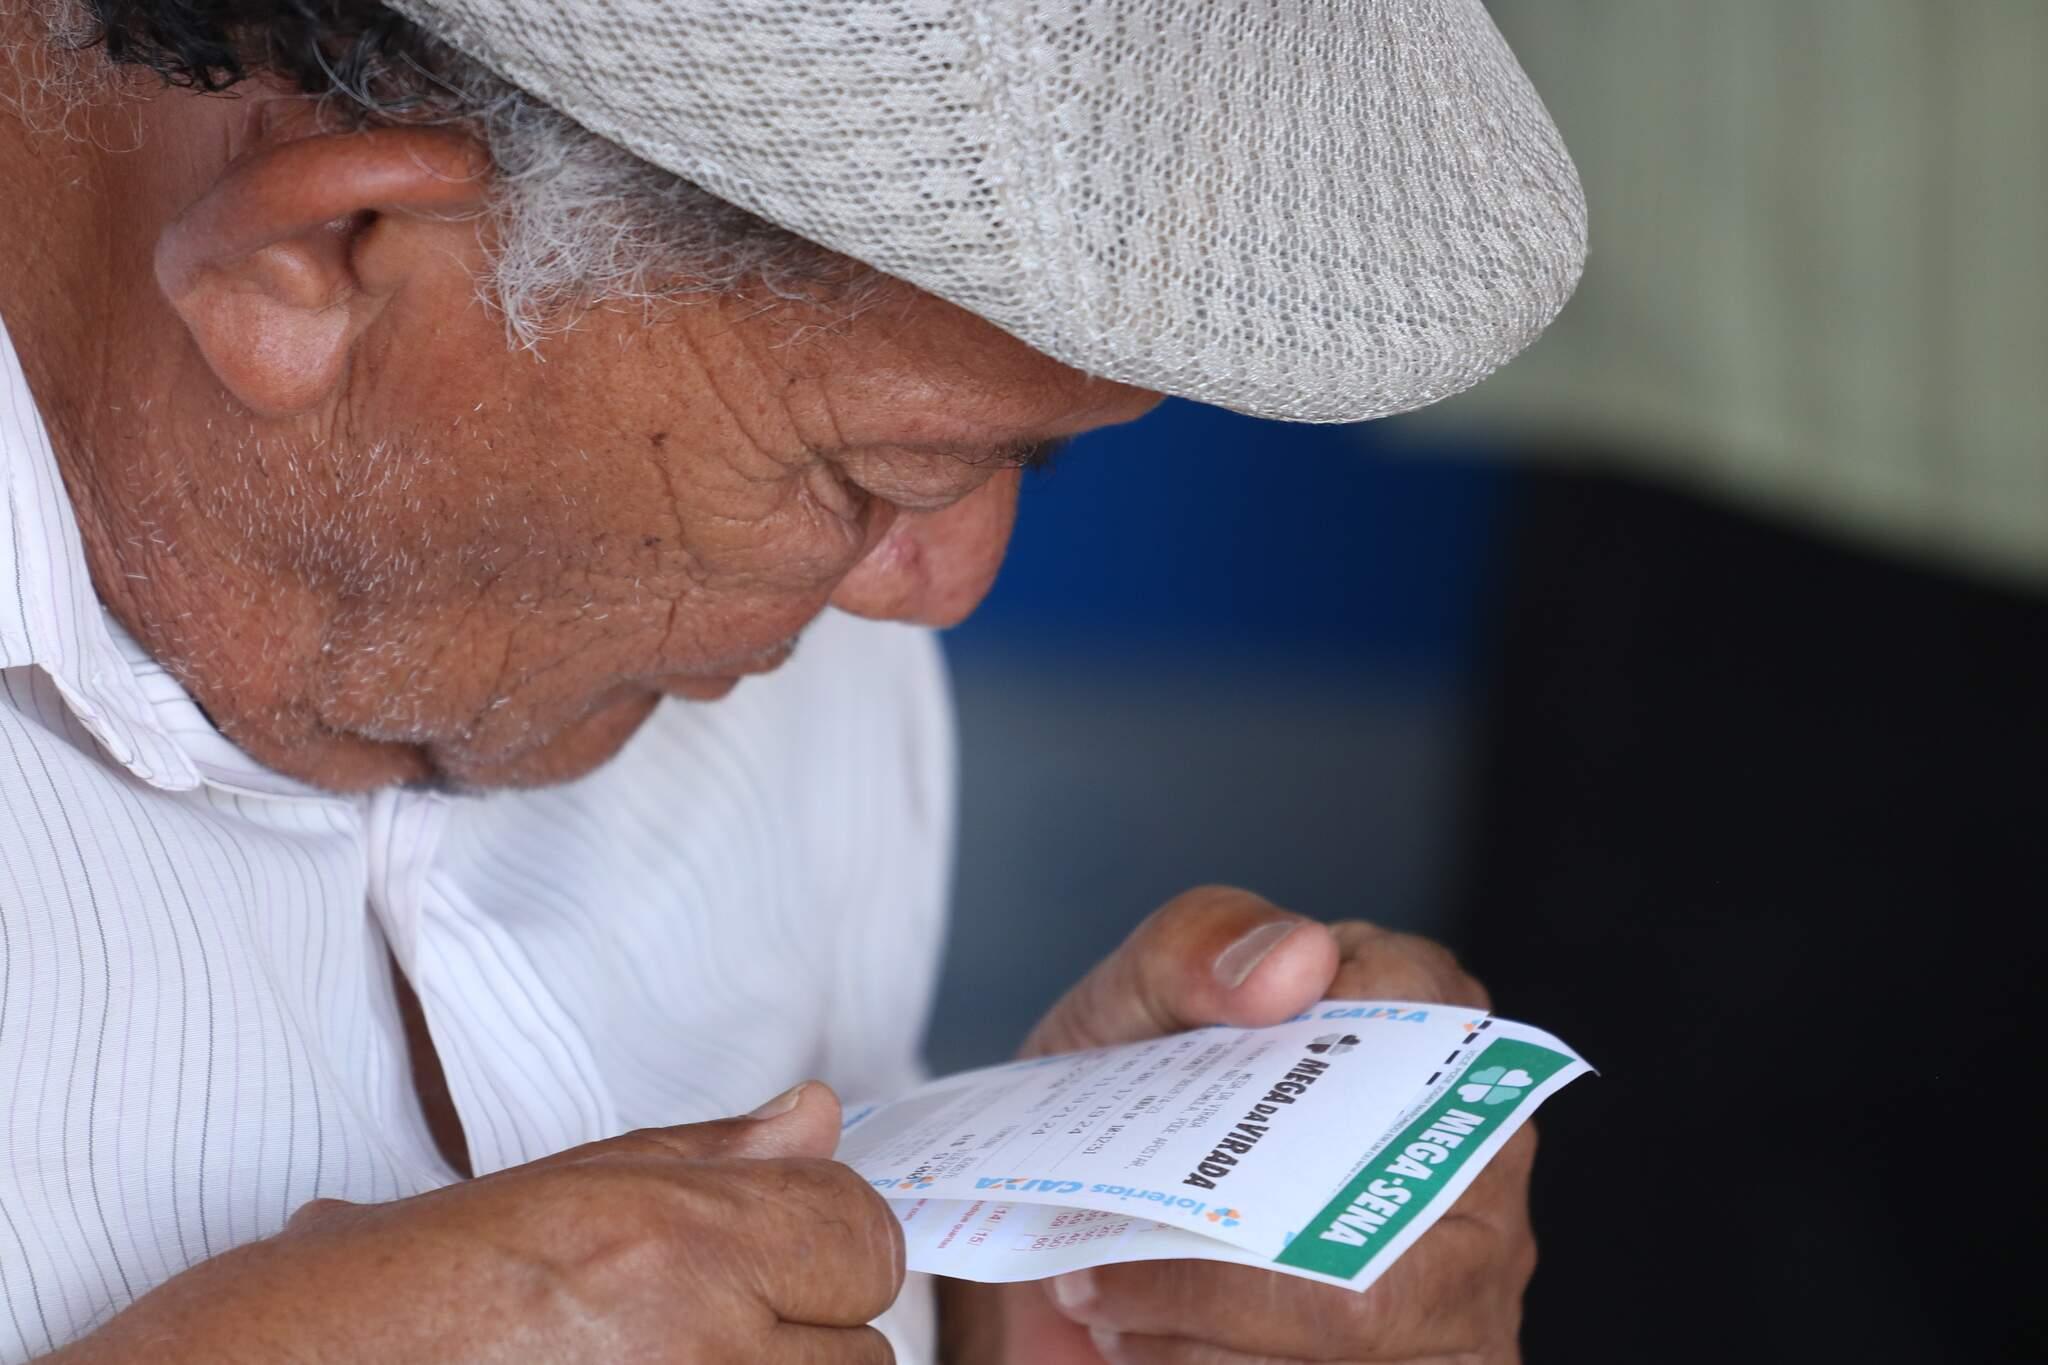 Apostador conferindo as dezenas da Mega. (Foto: Marcos Maluf)